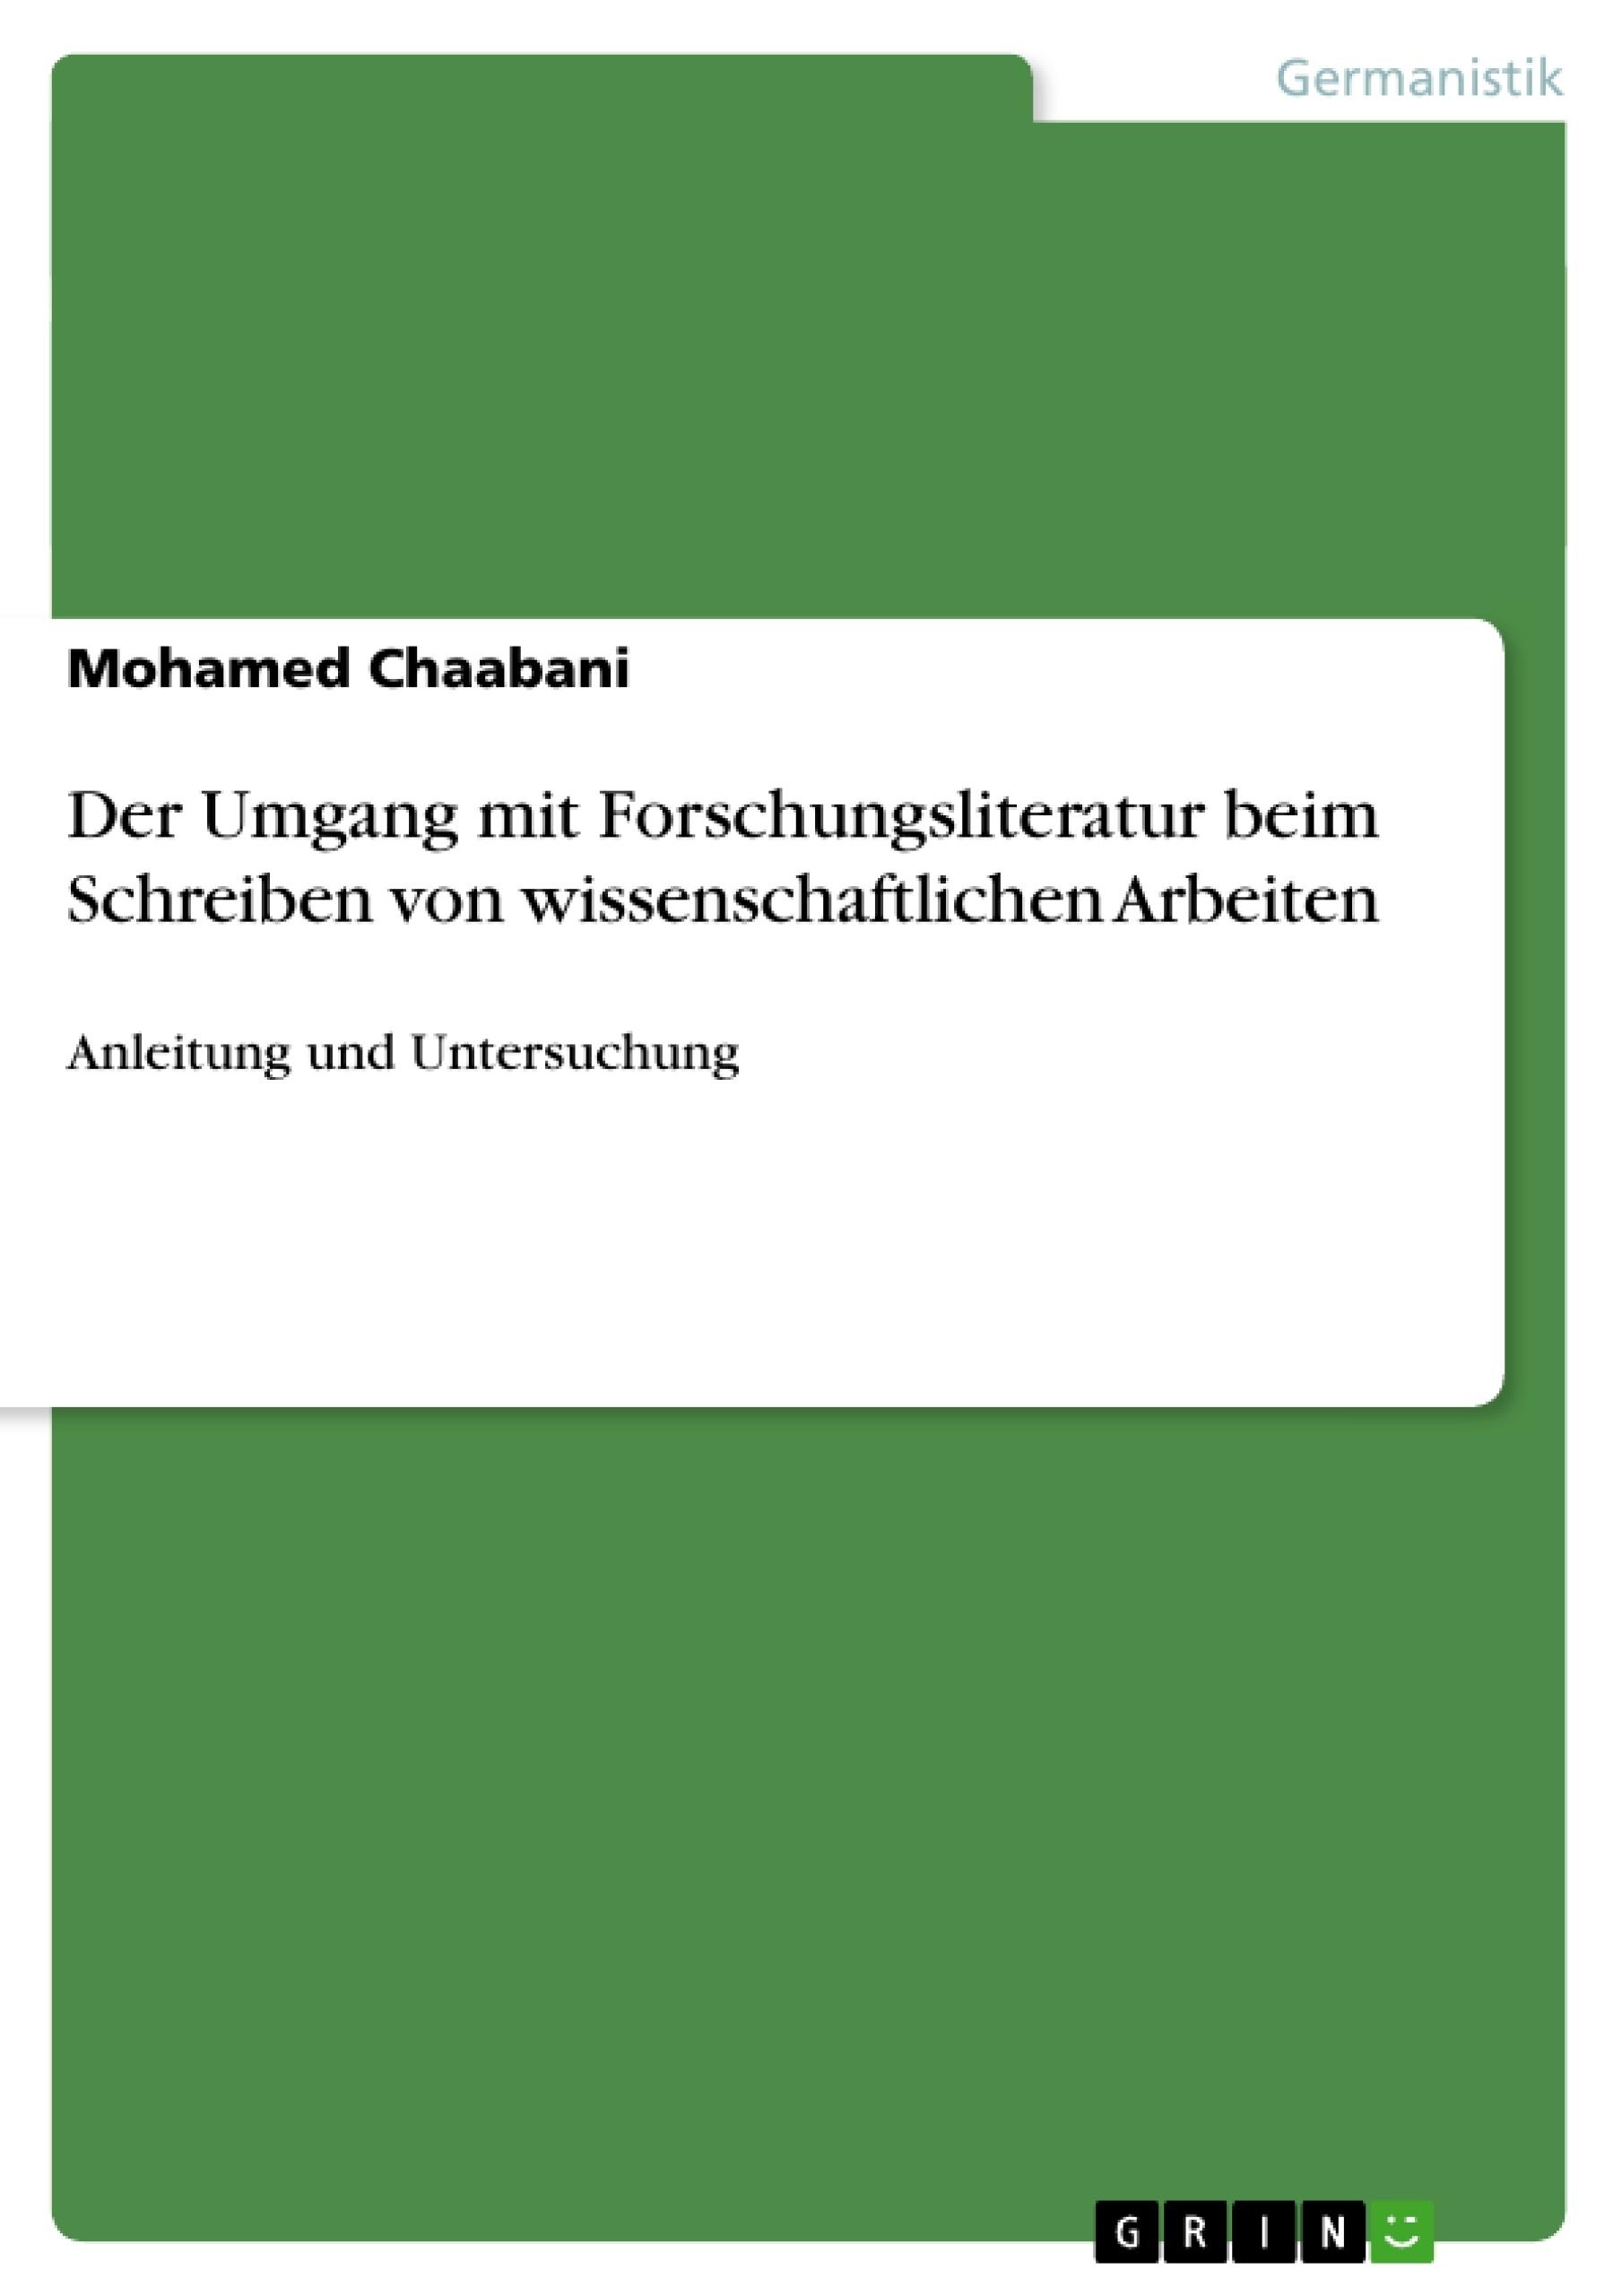 Titel: Der Umgang mit Forschungsliteratur beim Schreiben von wissenschaftlichen Arbeiten